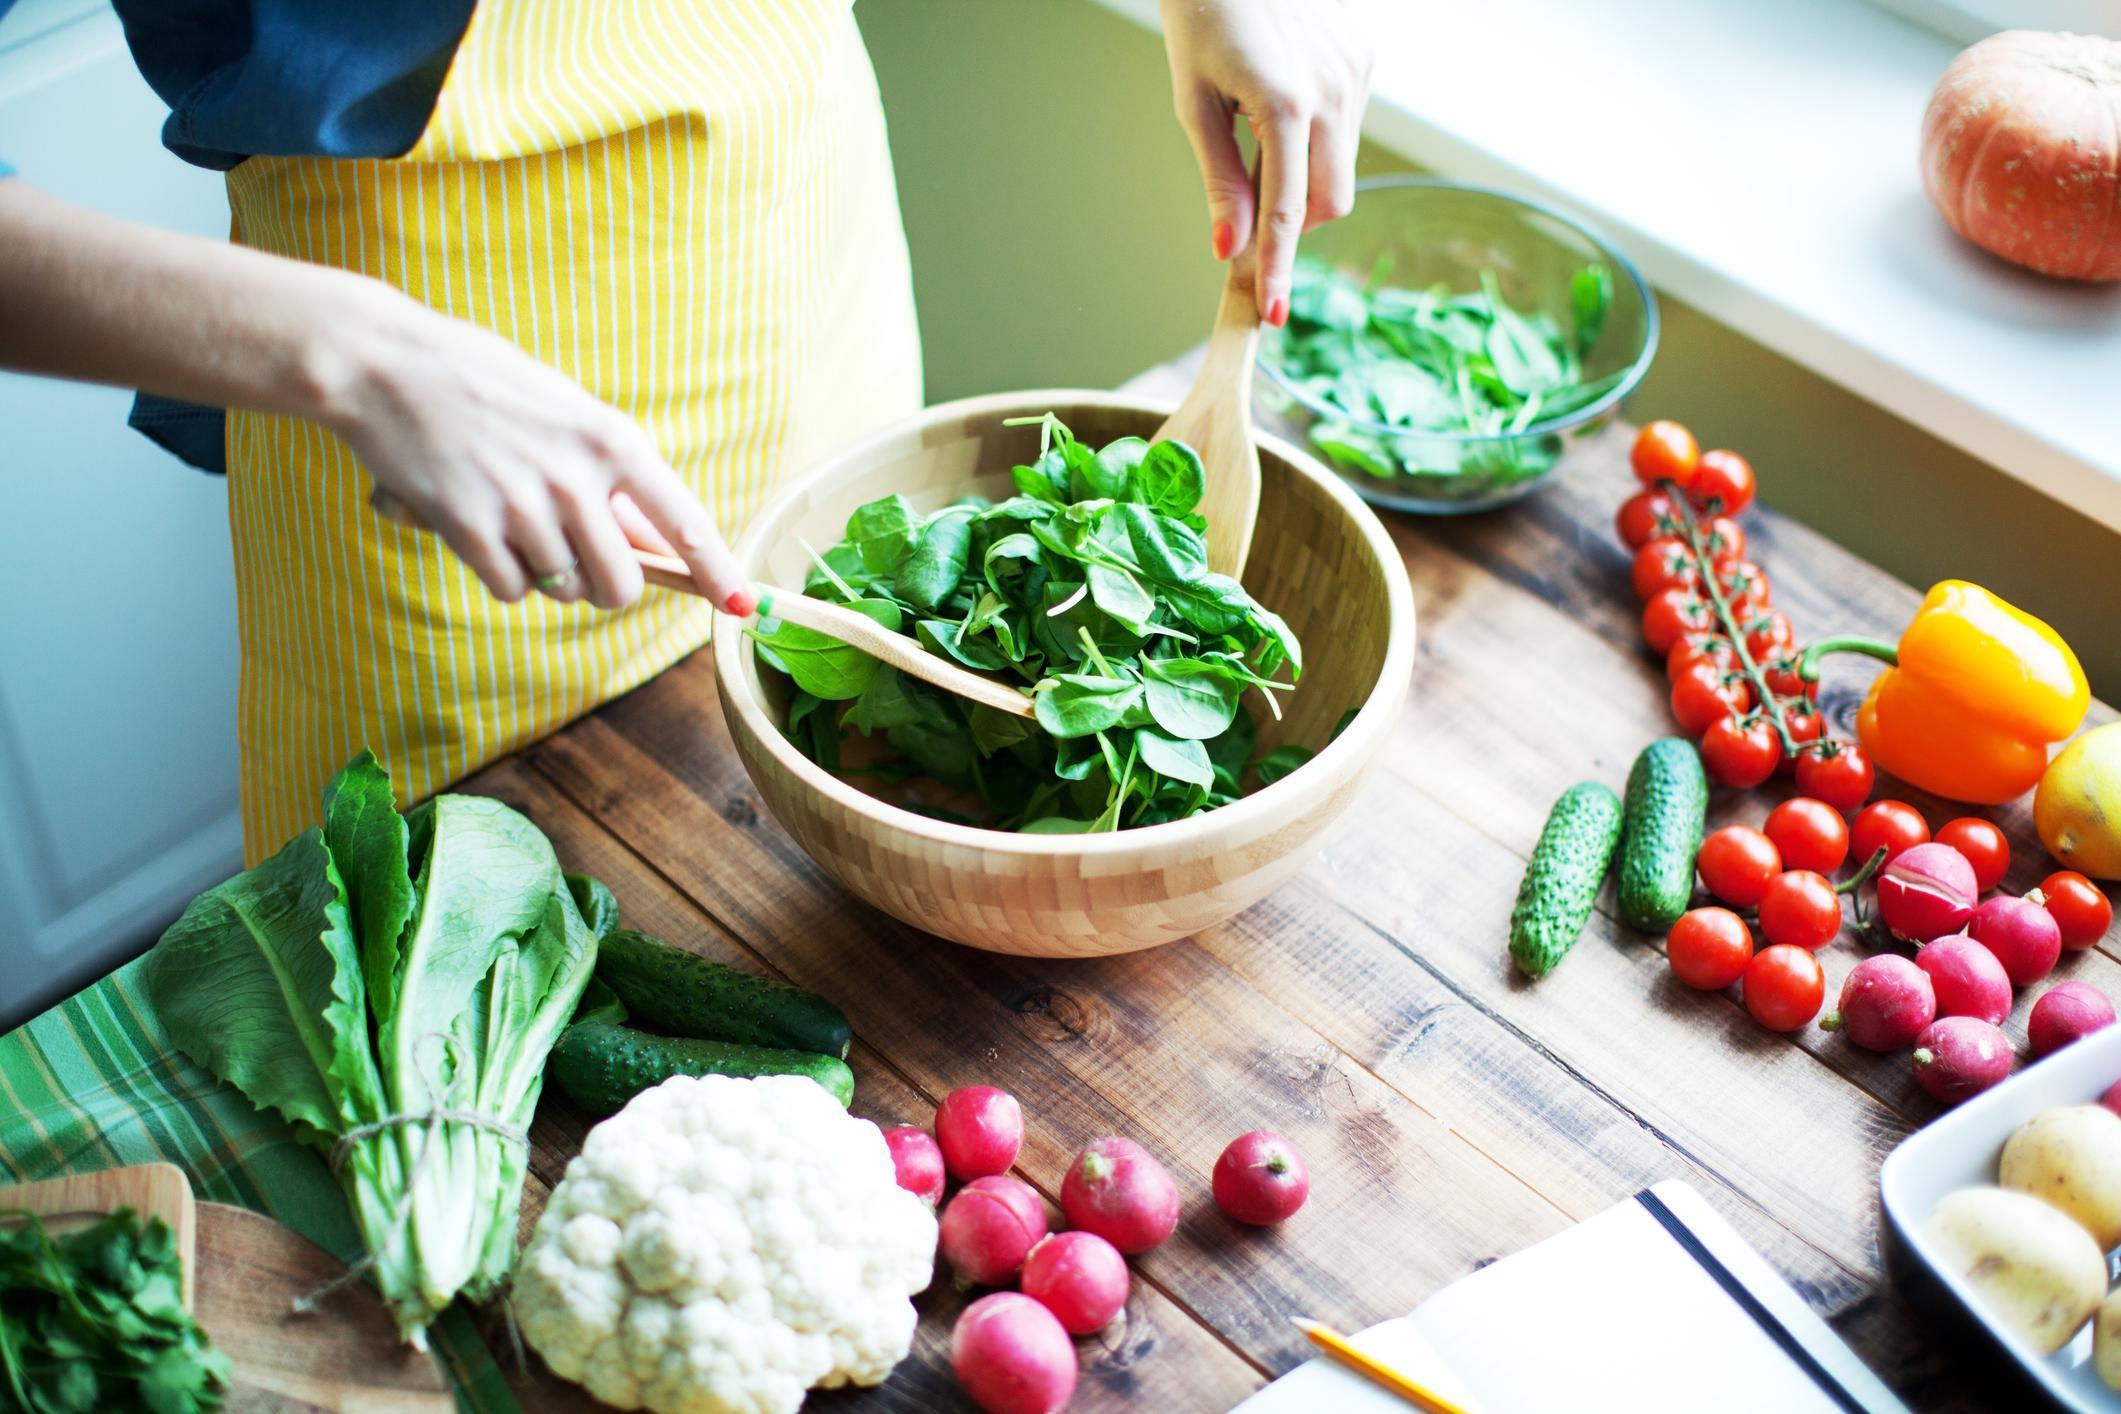 Cơ thể bạn sẽ thay đổi theo 5 điều sau khi ăn rau xanh đều đặn mỗi ngày